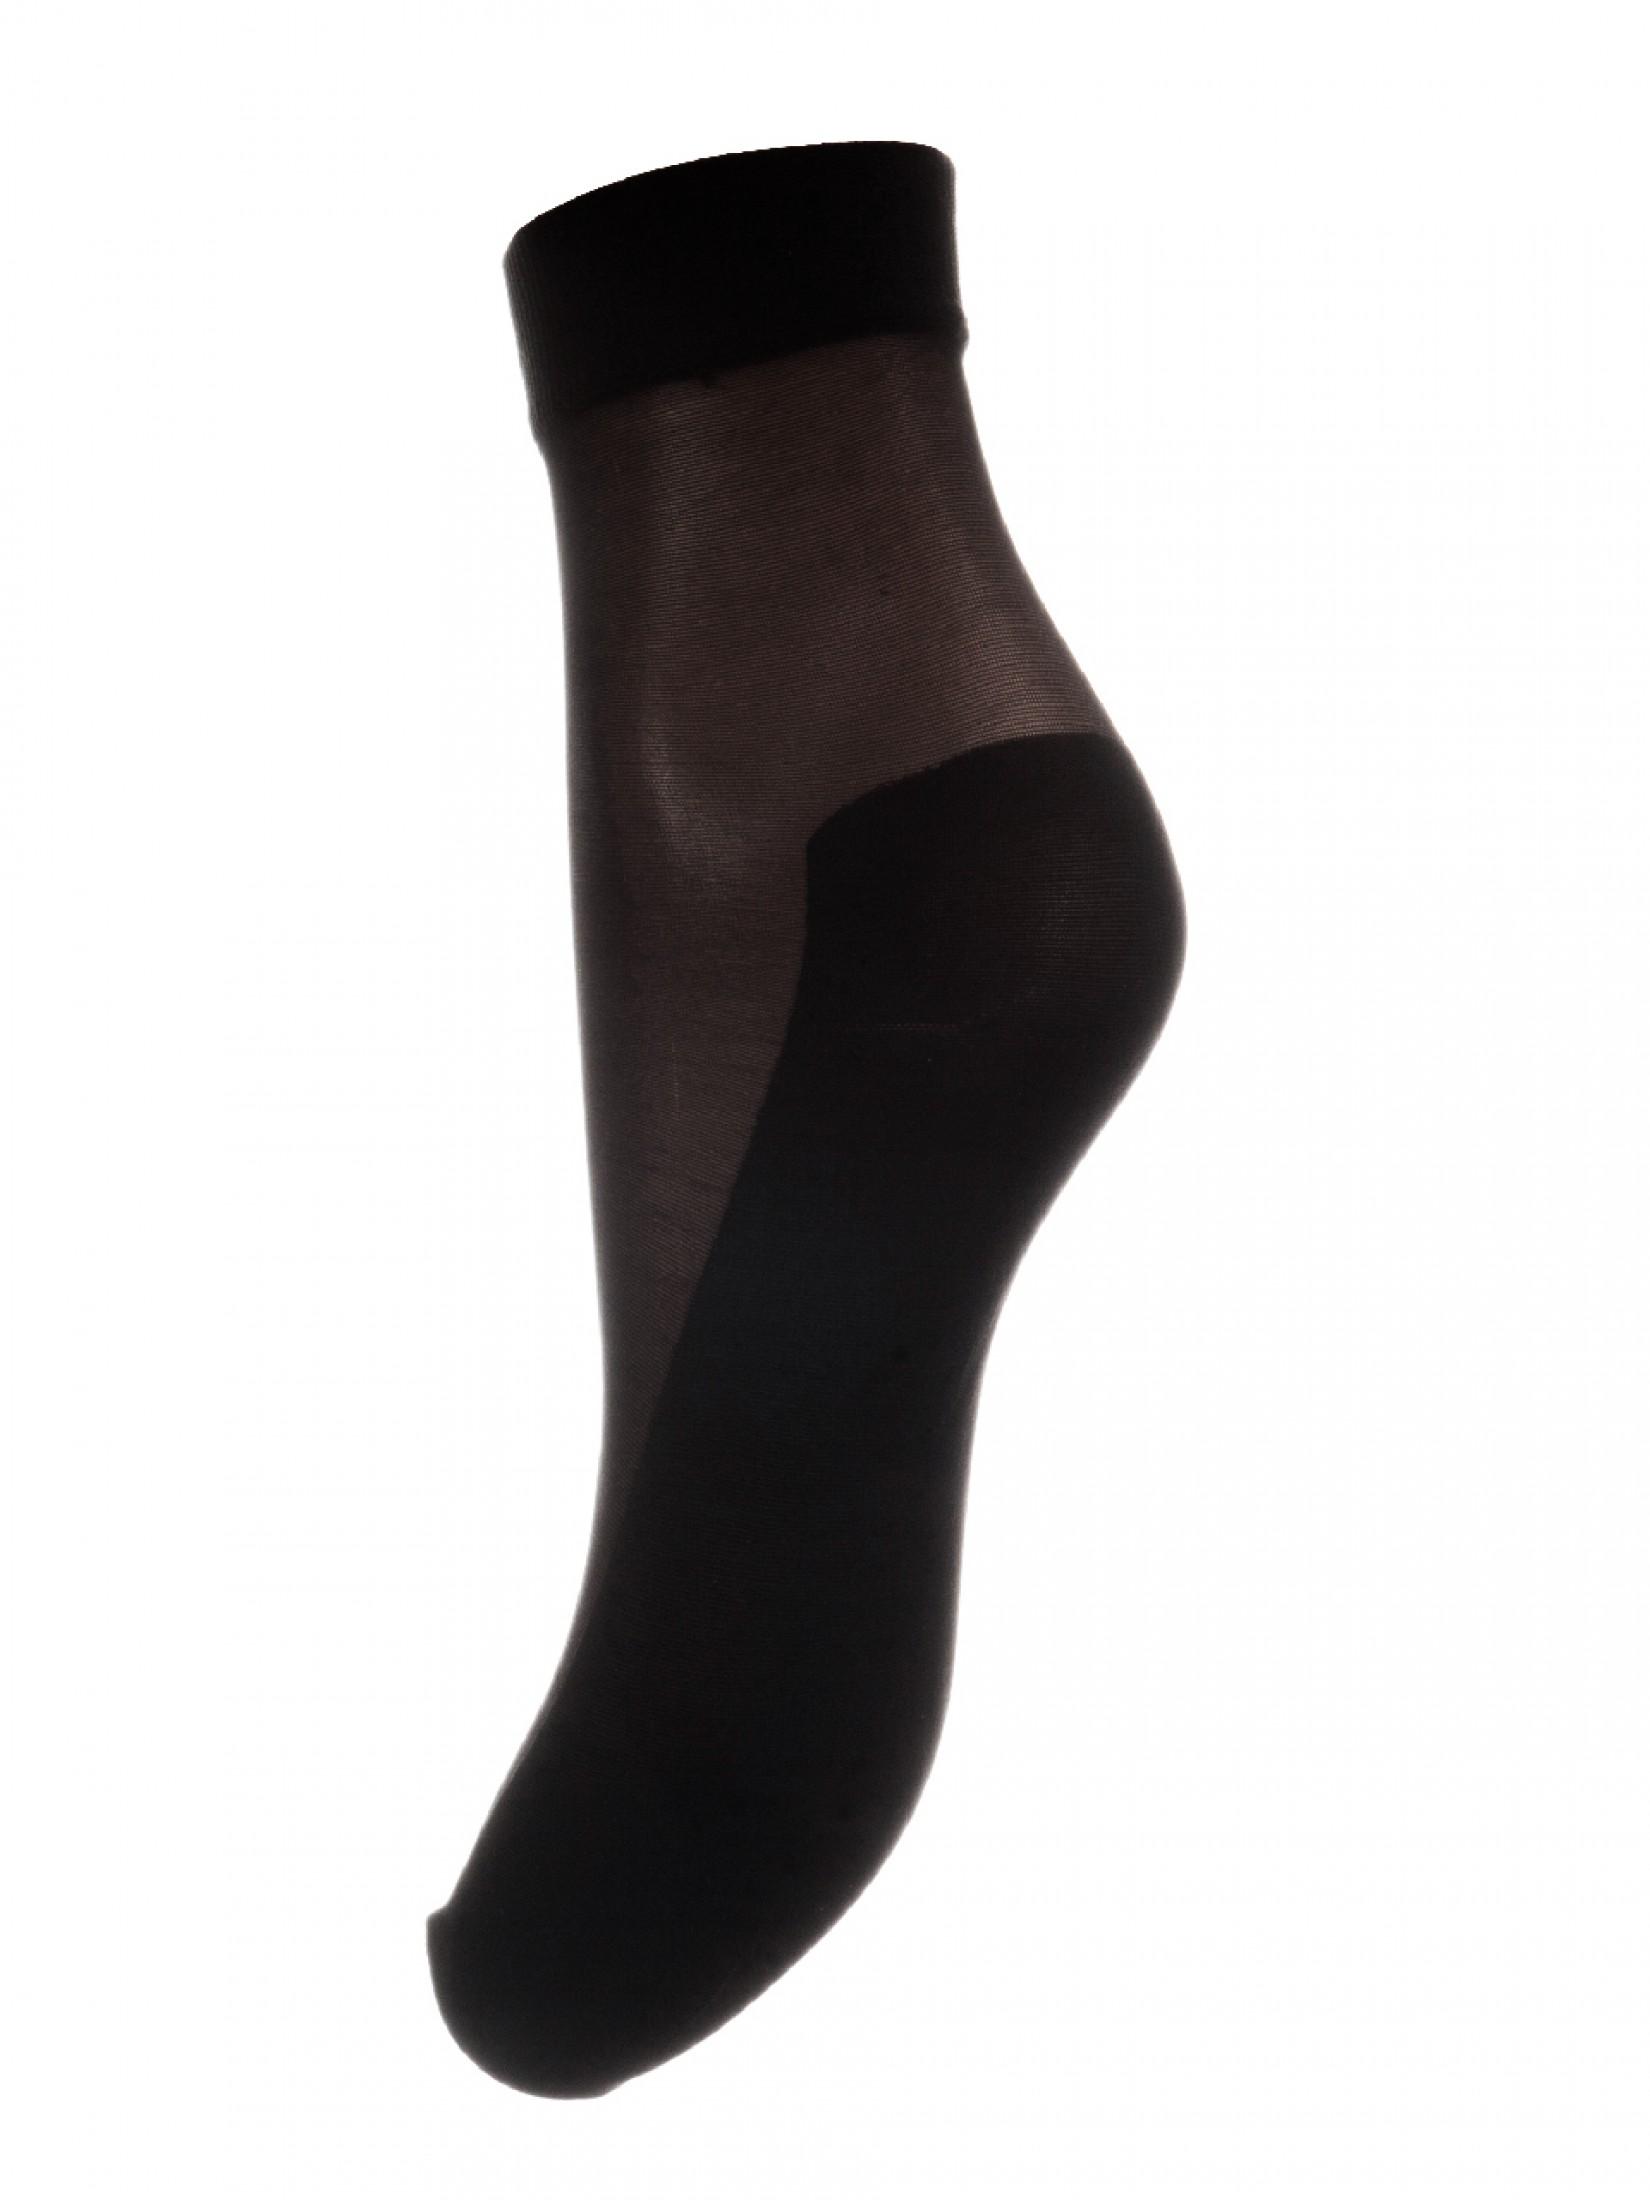 Капроновые носки женские Mademoiselle Daily (c) черные UNICA